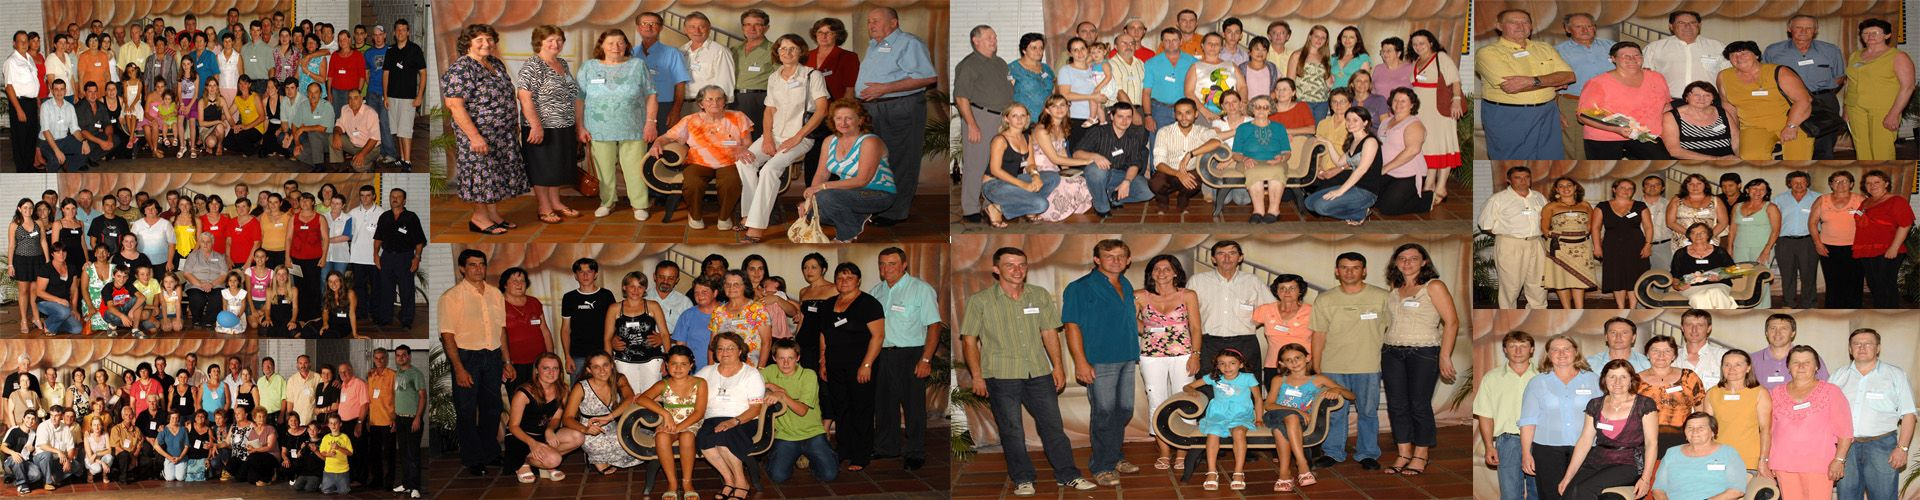 Famílias descendentes de José e Maria Simon Dametto - Encontro da família em 9 de fevereiro de 2007